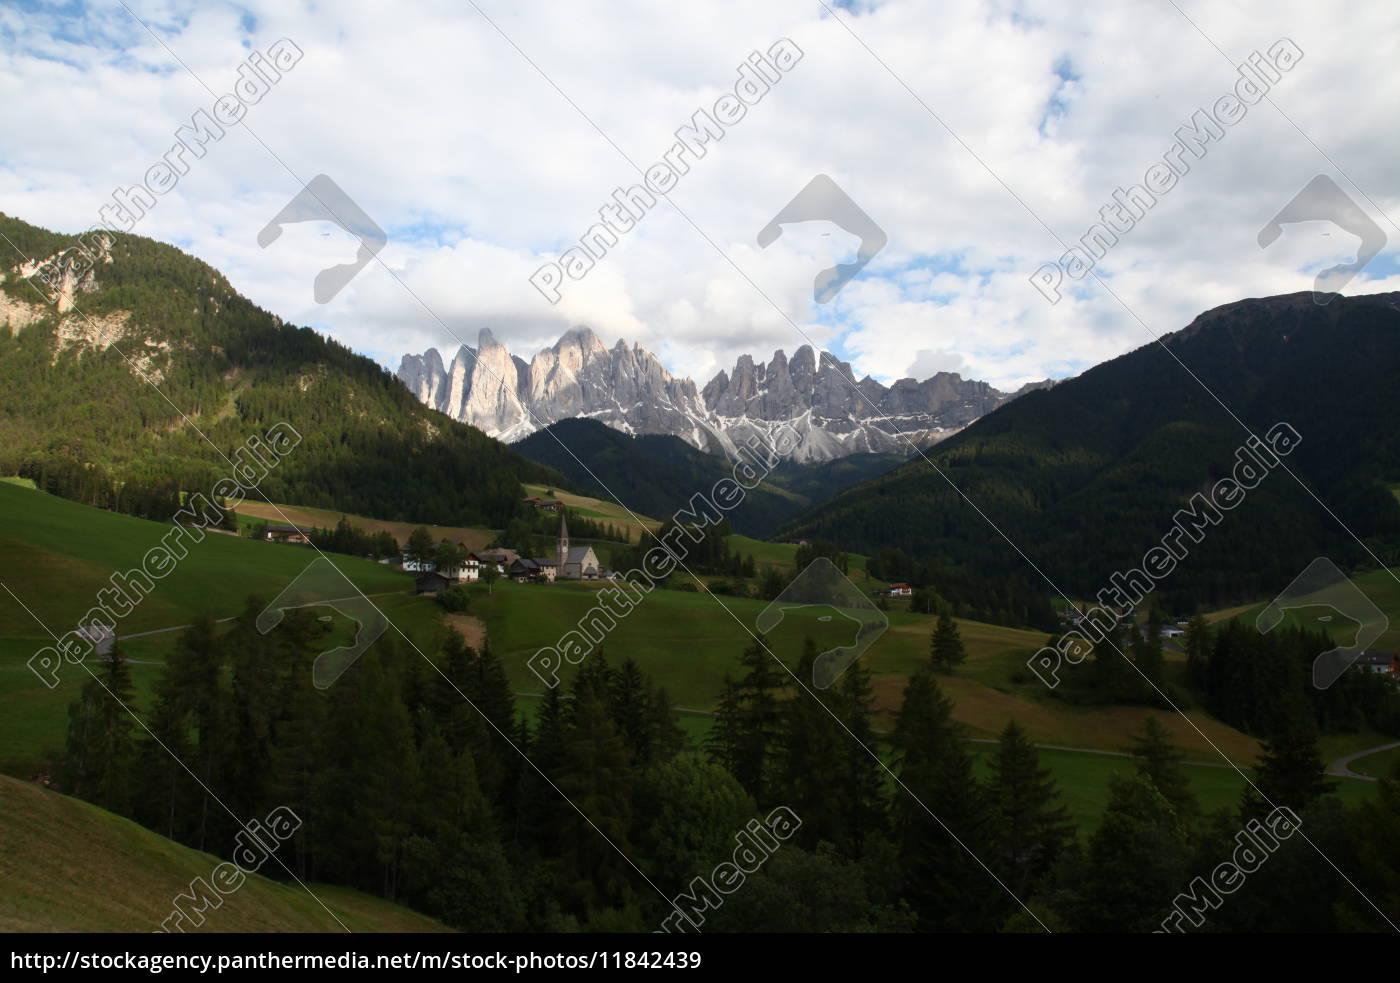 Südtirol, Landschaft, Landschaften, National Park, Puez, Puezgruppe - 11842439